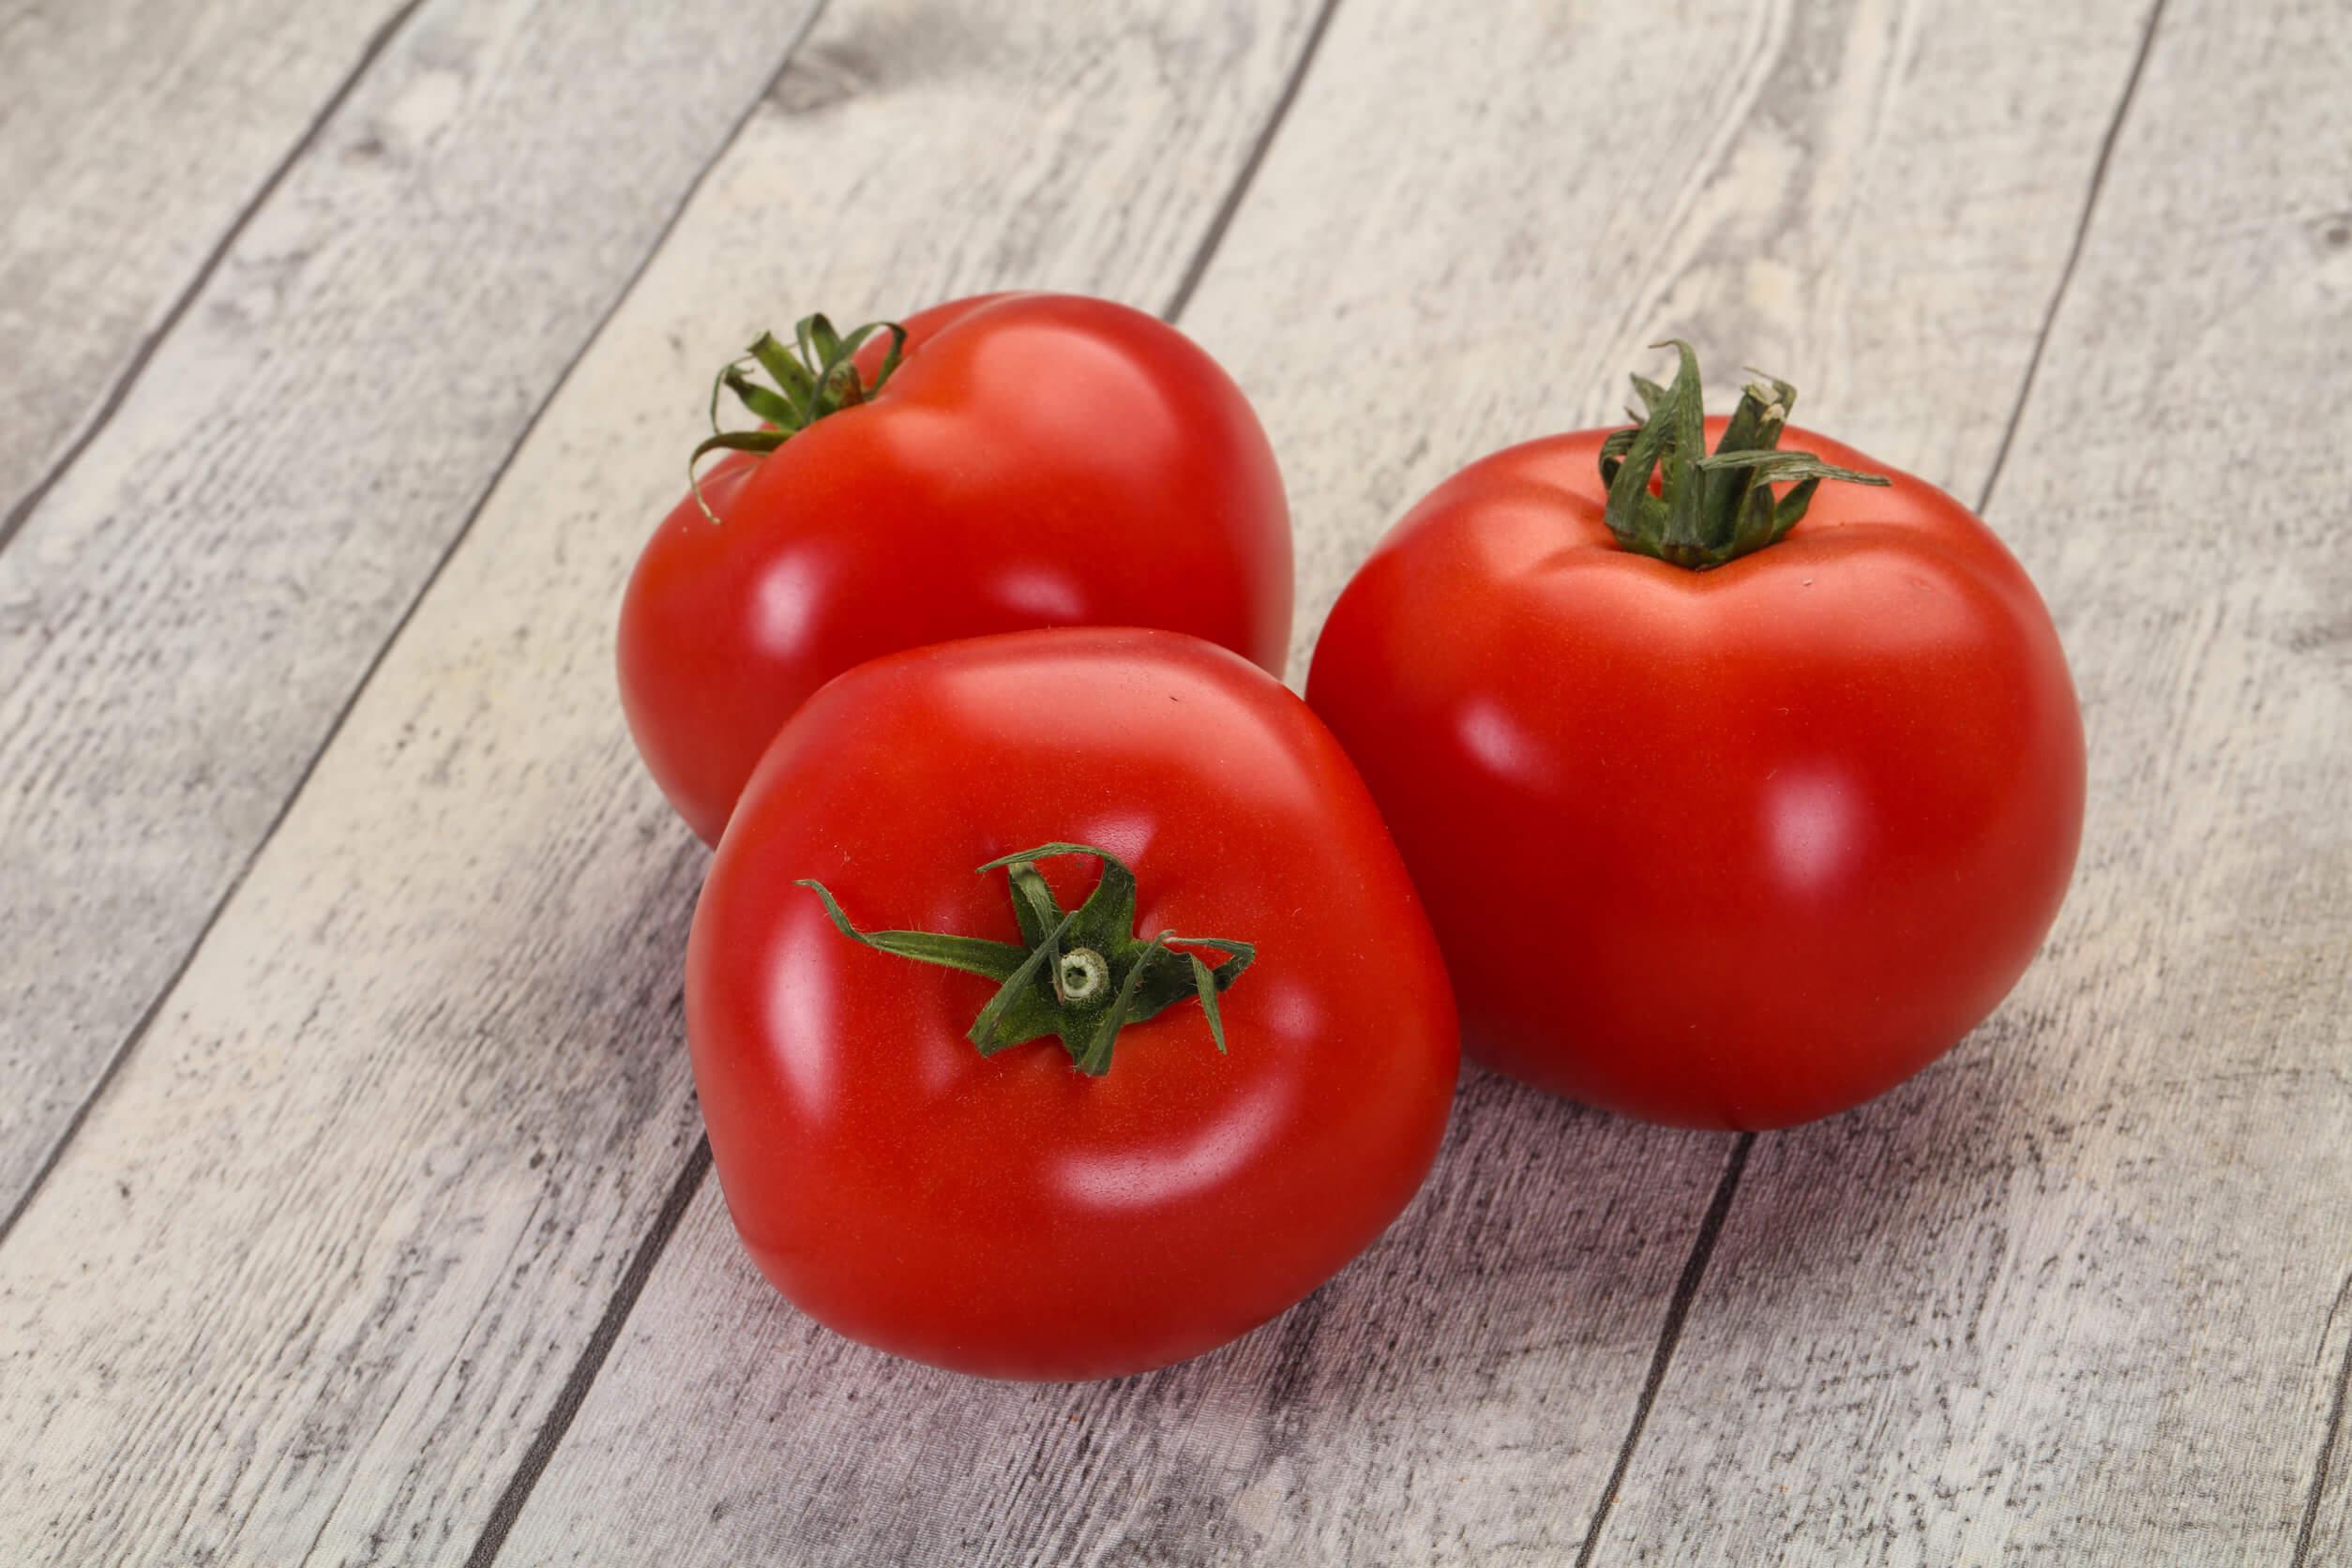 Los tomates activanel metabolismo para combatir la grasa abdominal